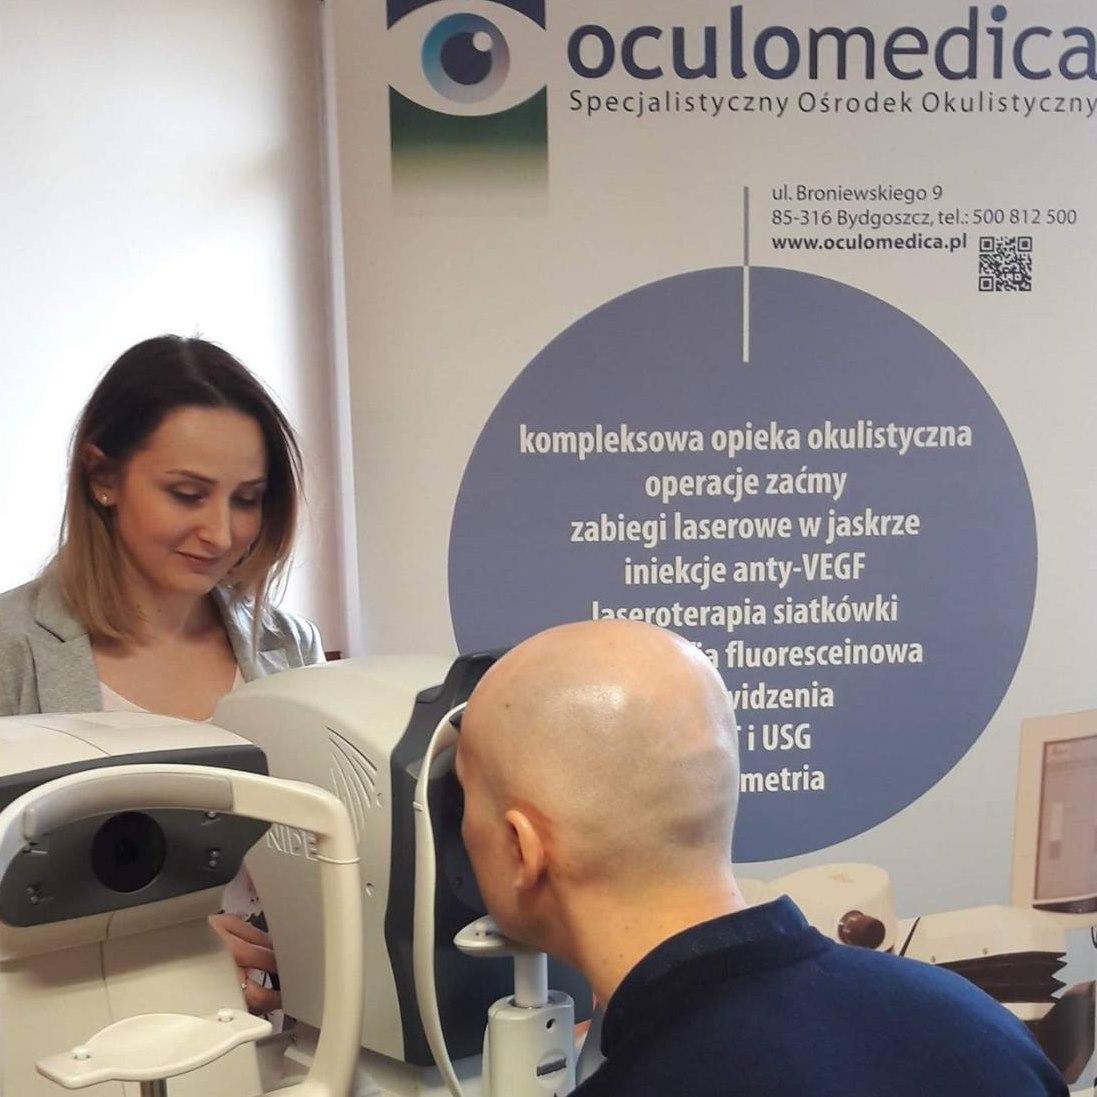 Oculomedica - Walka z jaskrą